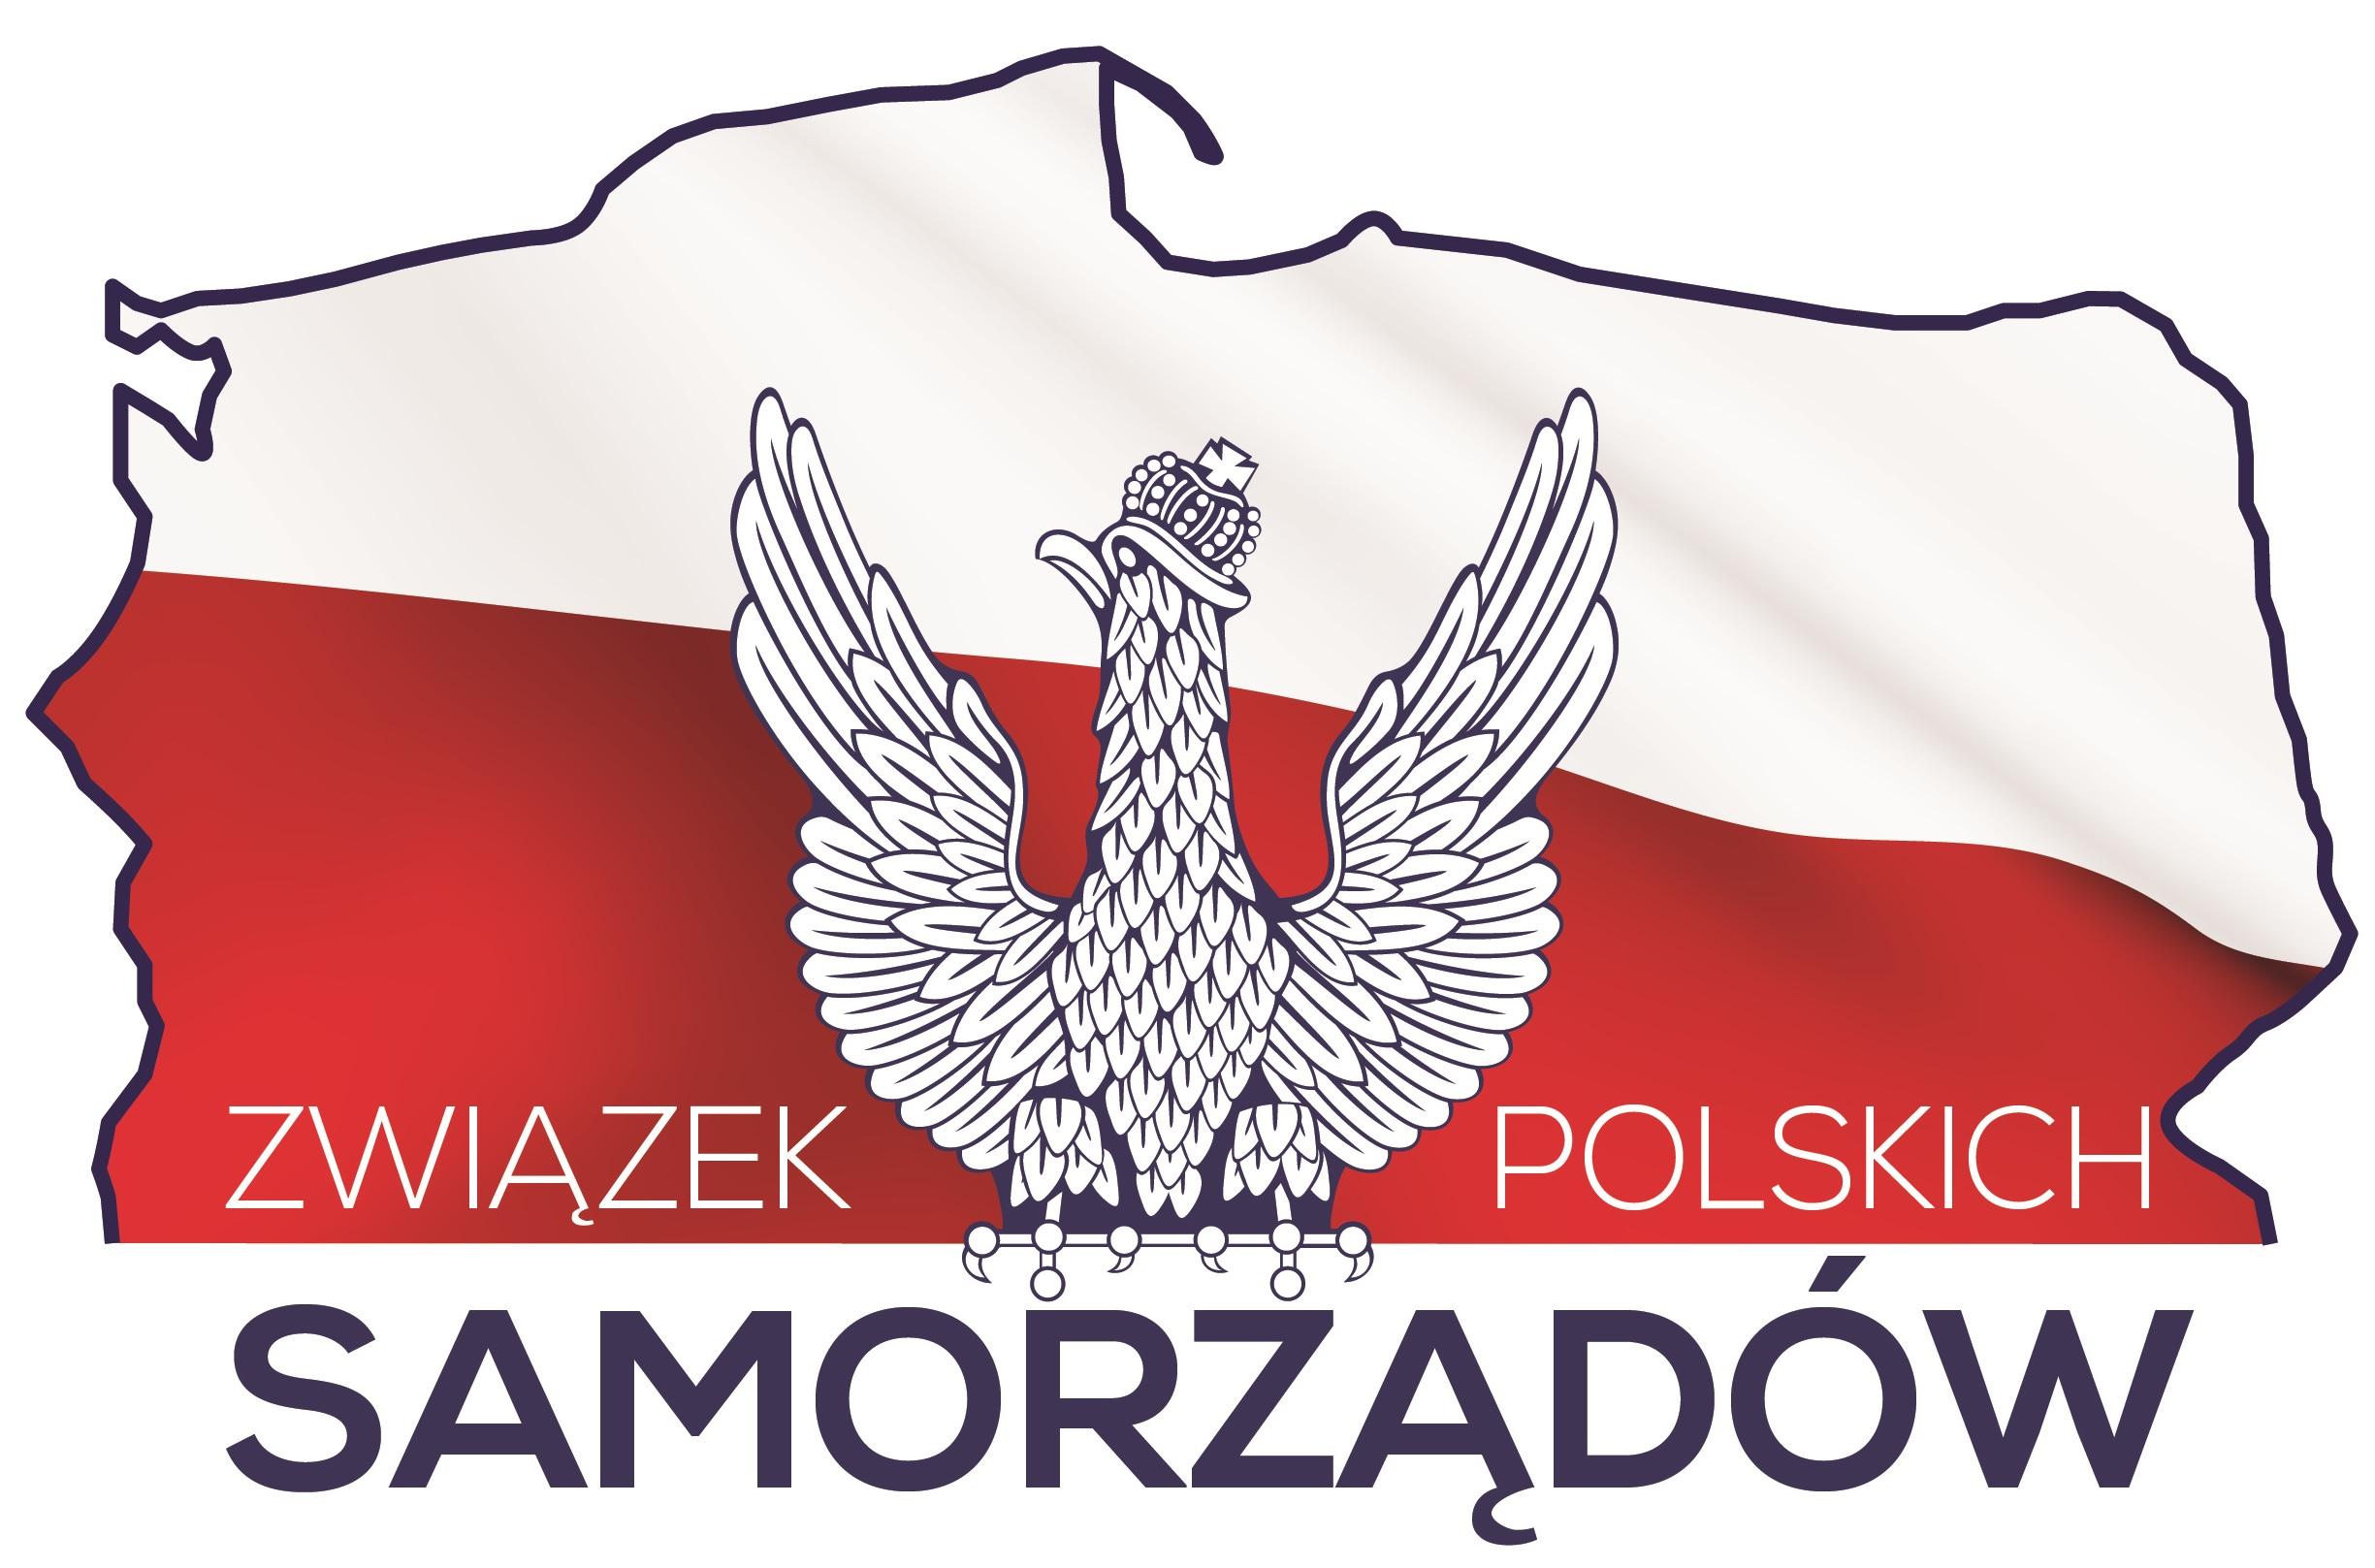 http://www.samorzadypolskie.pl/